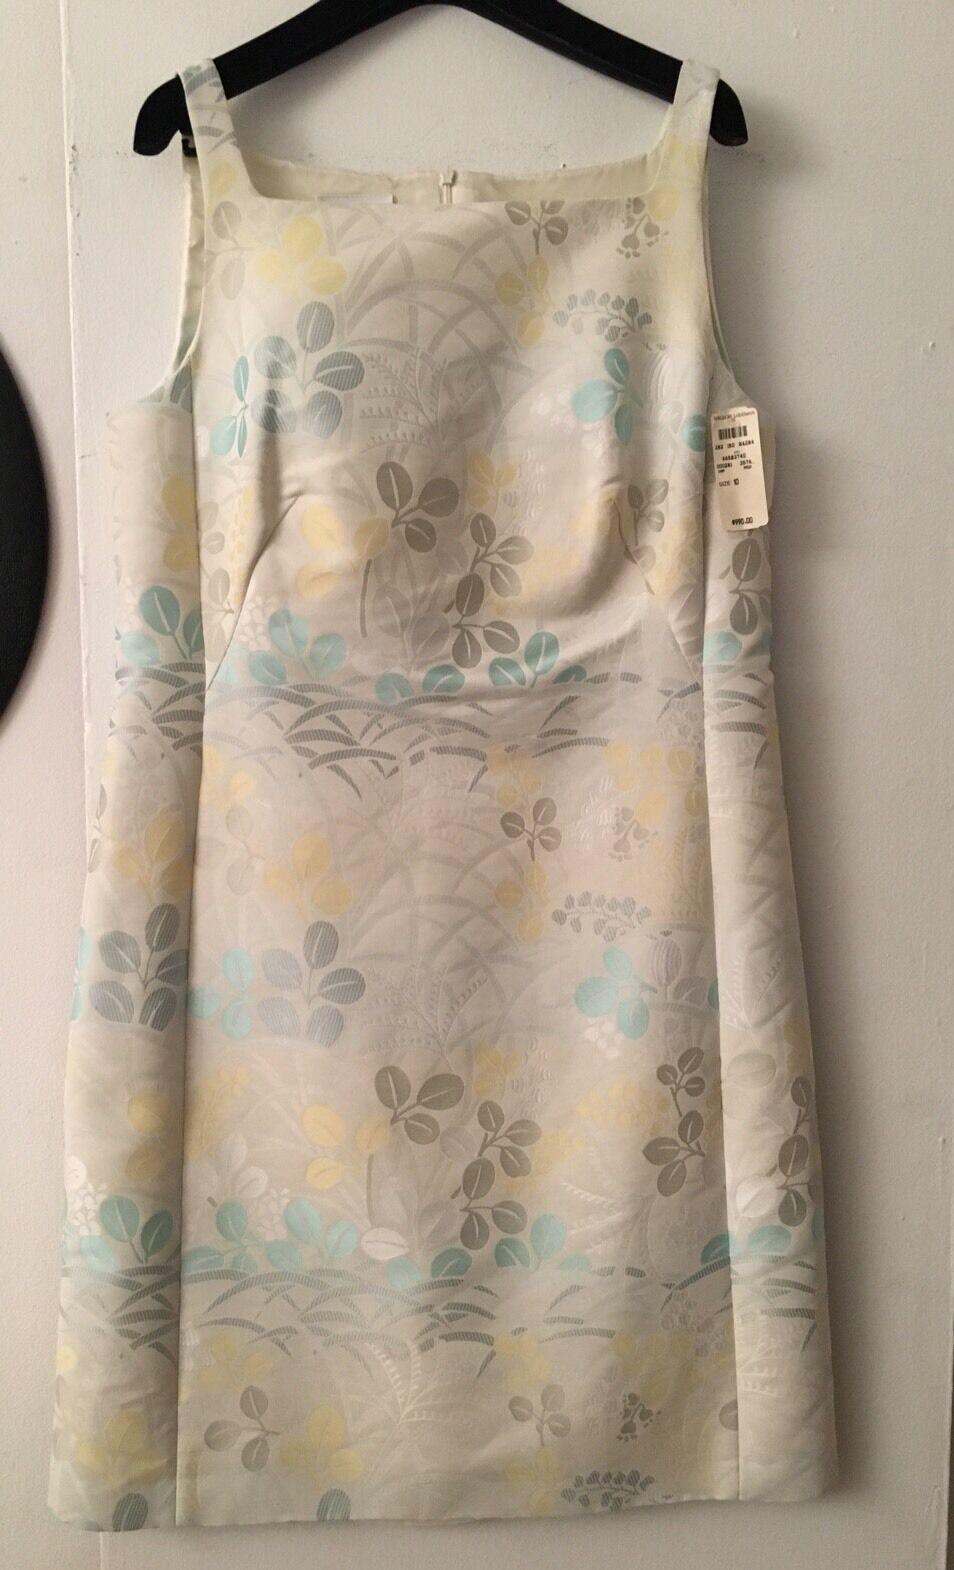 Nuevo Con Etiquetas Auth Akris Punto Beige Algodón Vestido  sin mangas floral de plata nos Sz 10 FR 42  primera vez respuesta